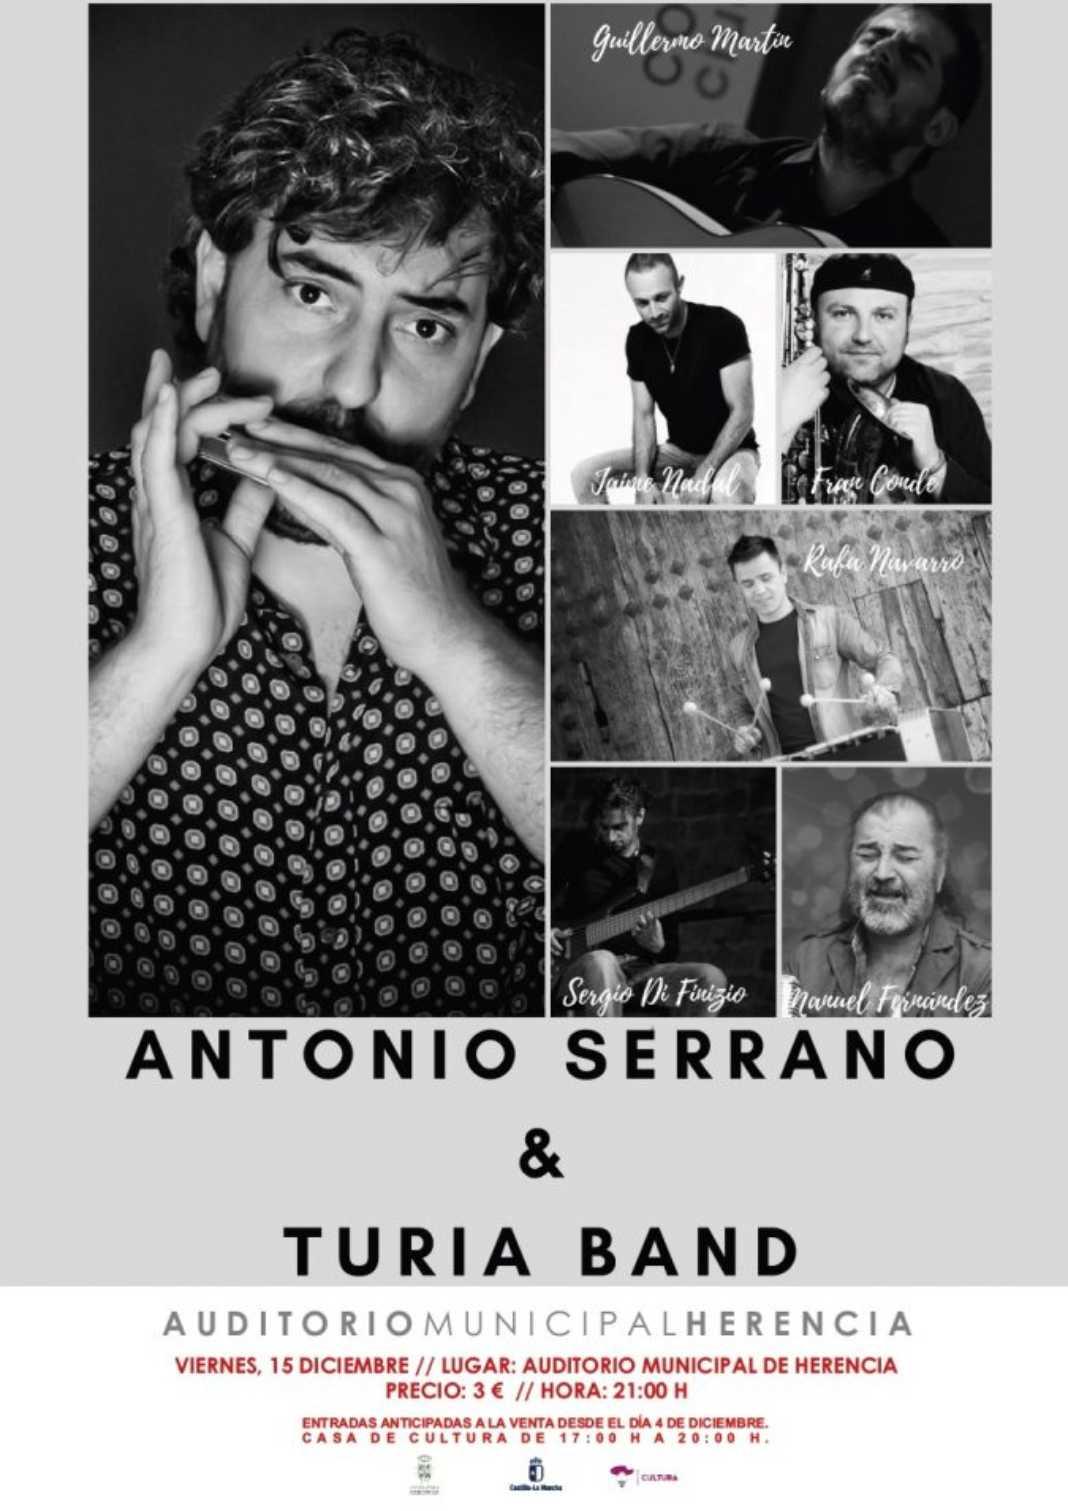 CARTEL ANTONIO SERRANO 15 DIC e1512995730542 1068x1511 - Antonio Serrano & Turia Band en el auditorio de Herencia